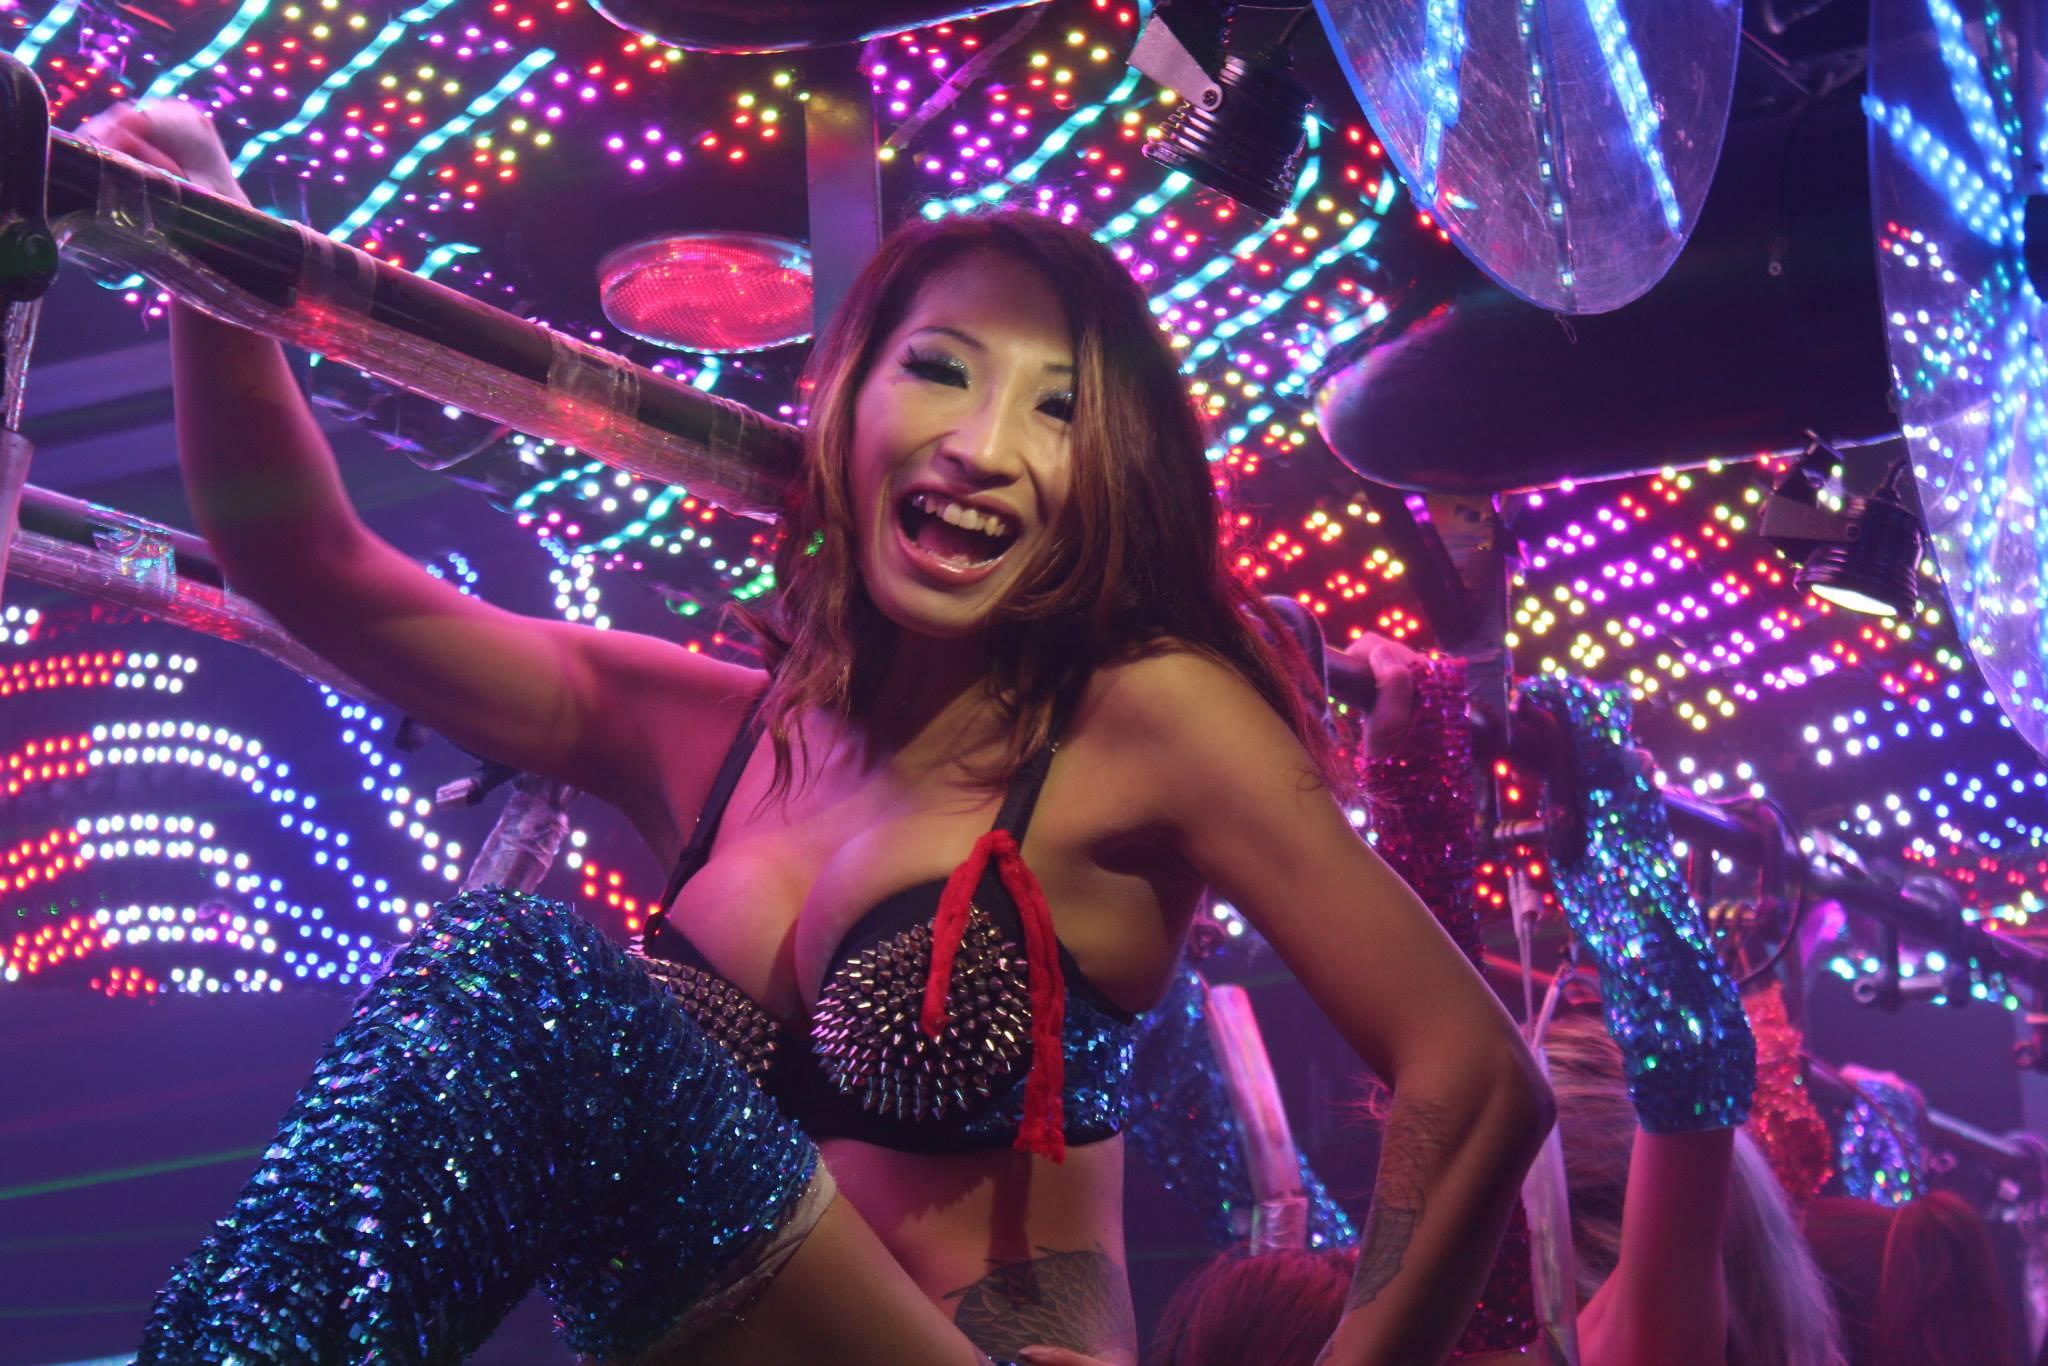 Asian girl in club